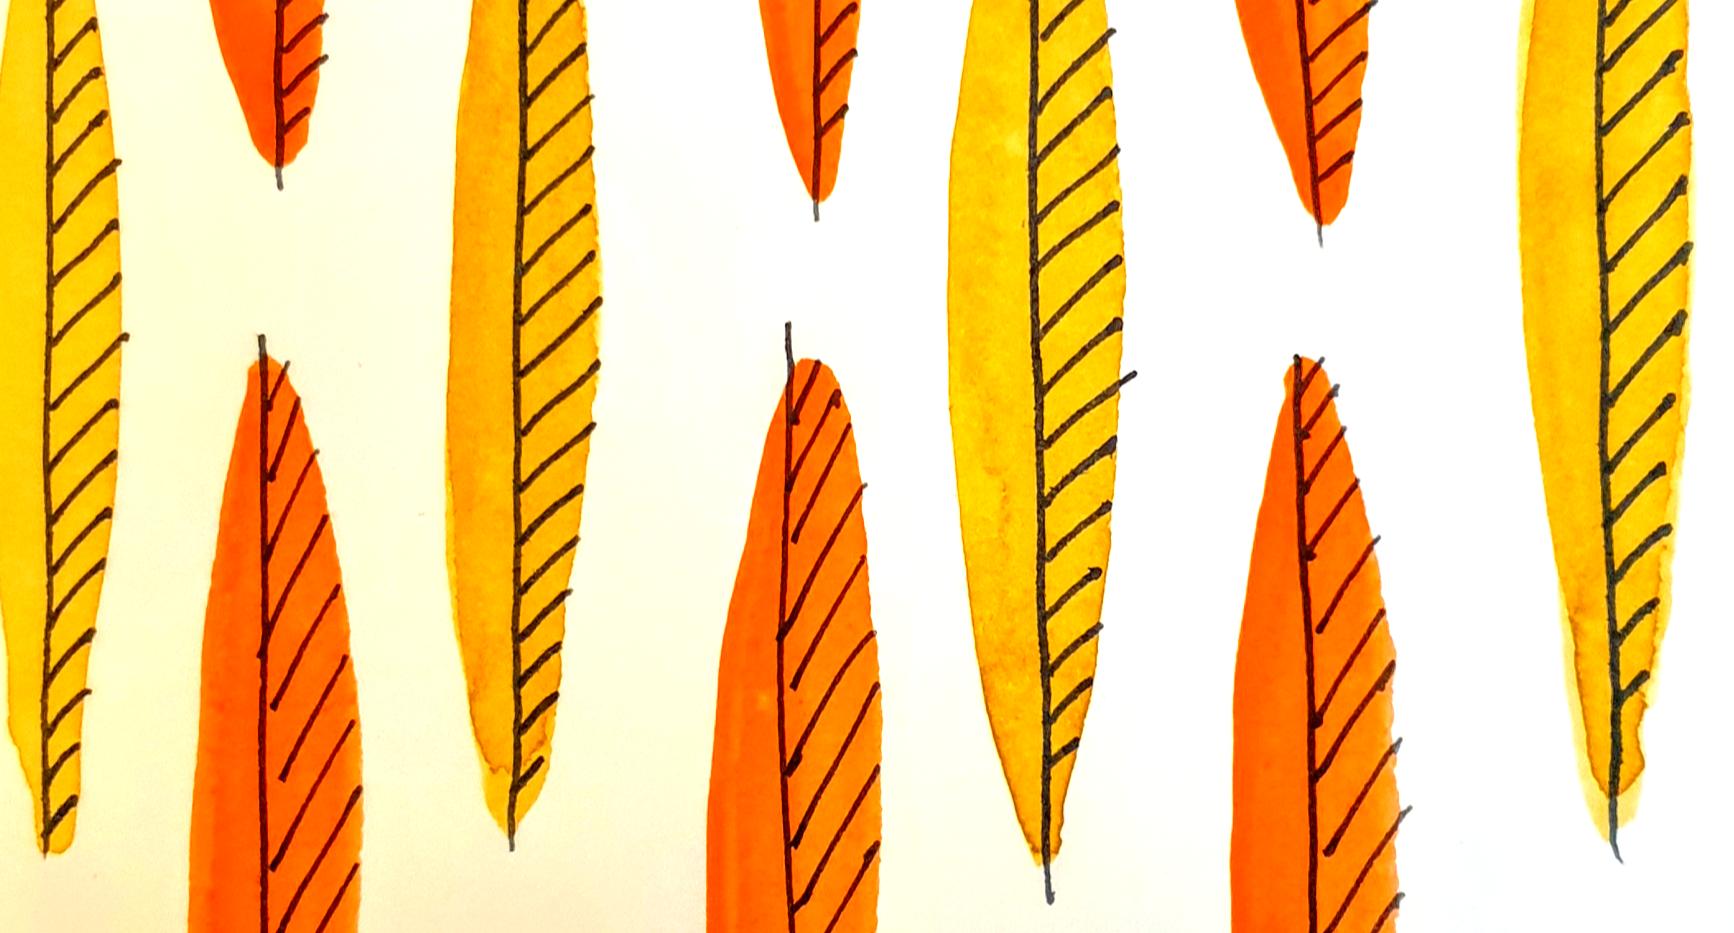 Blades gold